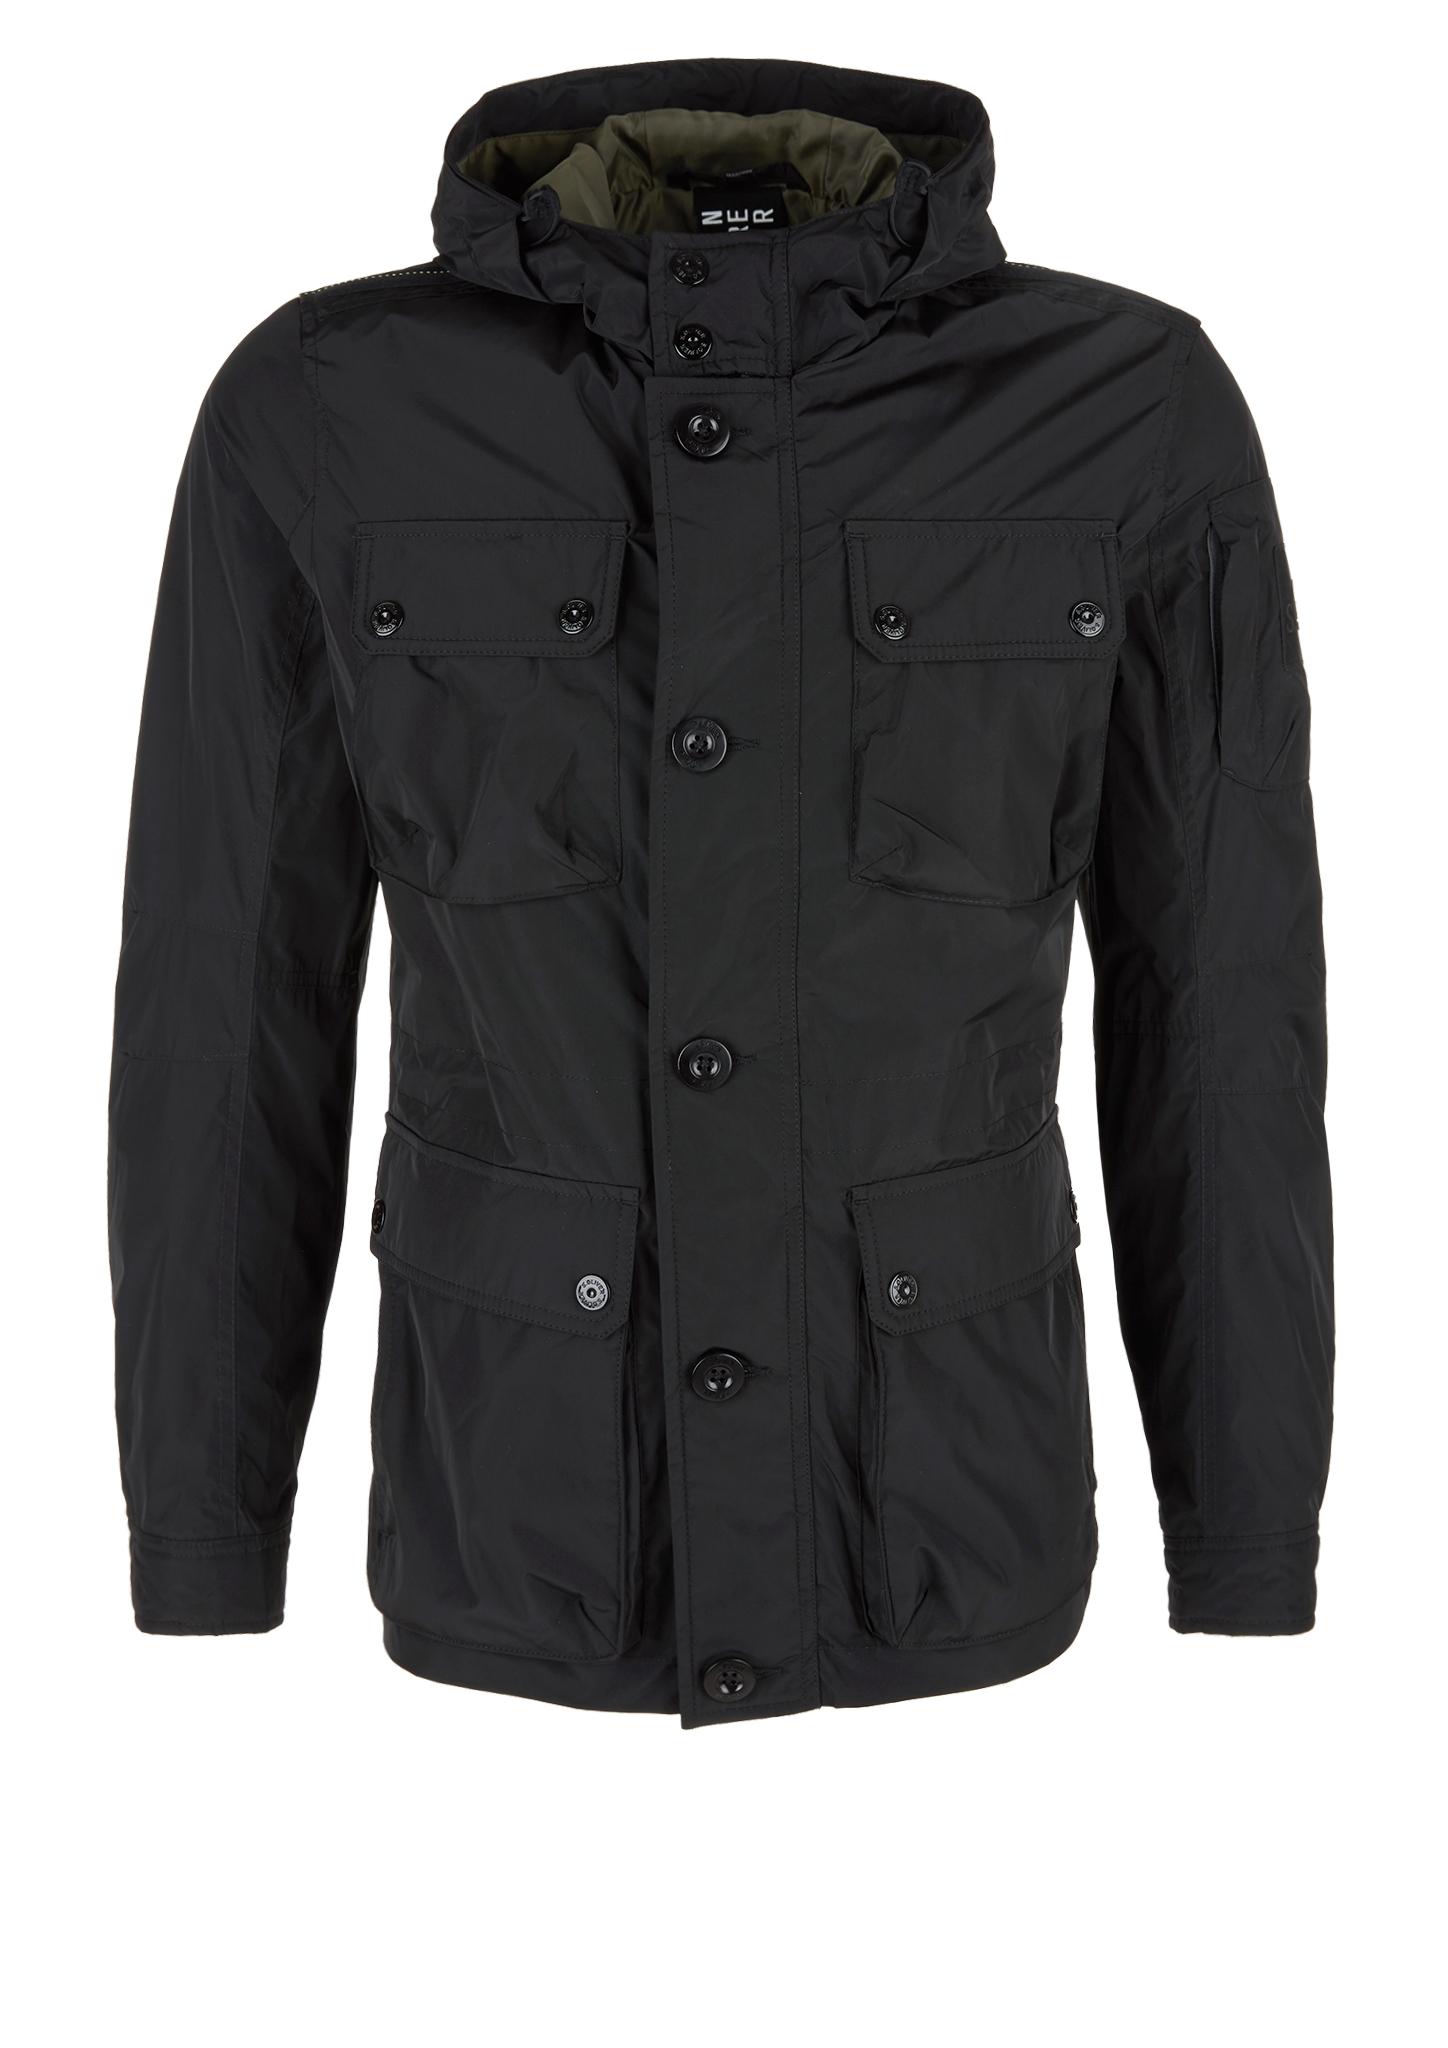 Outdoor-Jacke | Bekleidung > Jacken > Sonstige Jacken | Schwarz | Oberstoff: 100% polyester| futter: 100% polyester | s.Oliver